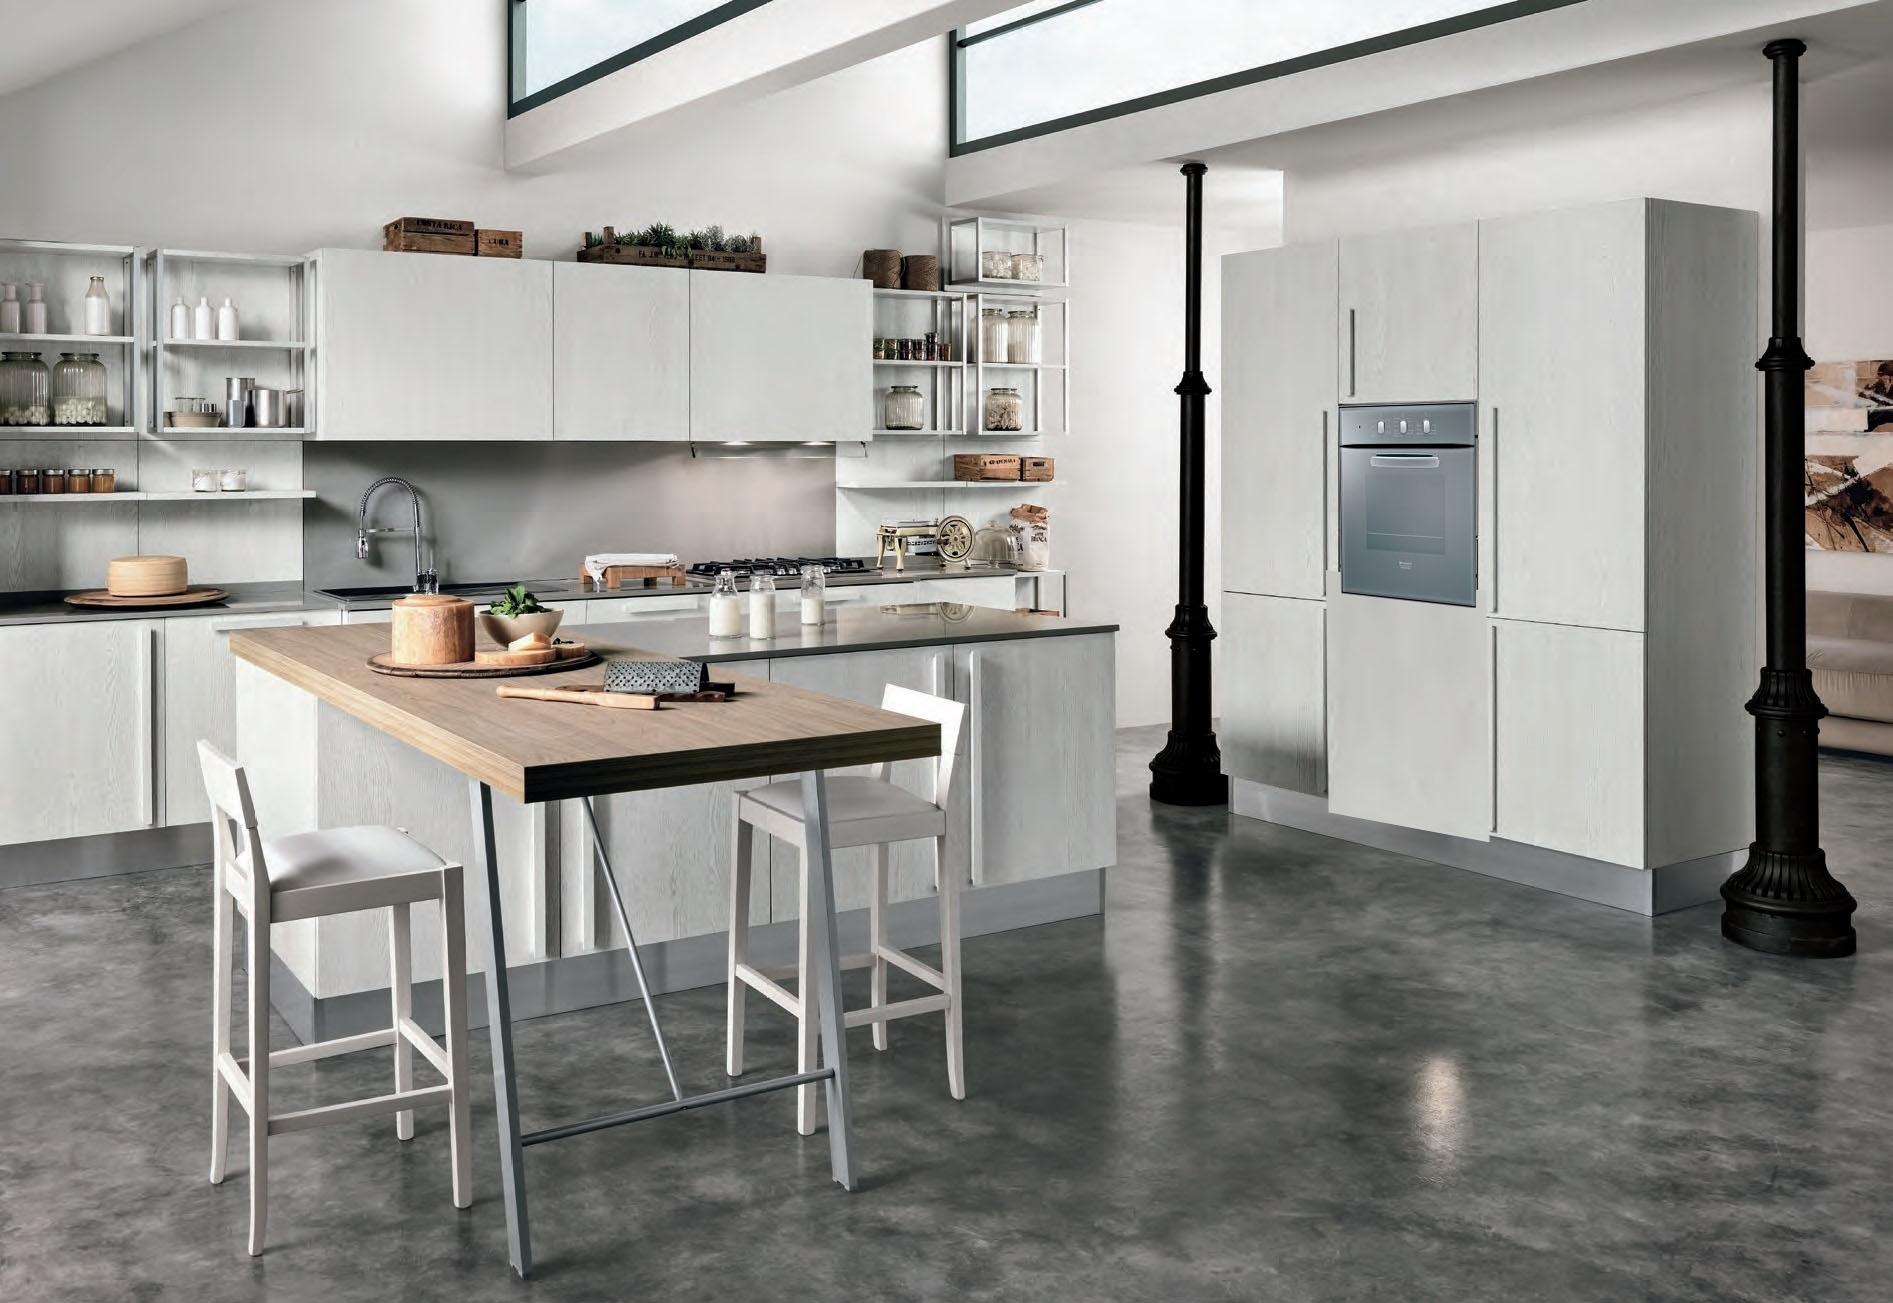 Cucina come foto in offerta con isola outlet nuovimondi - Cucine con isola ...